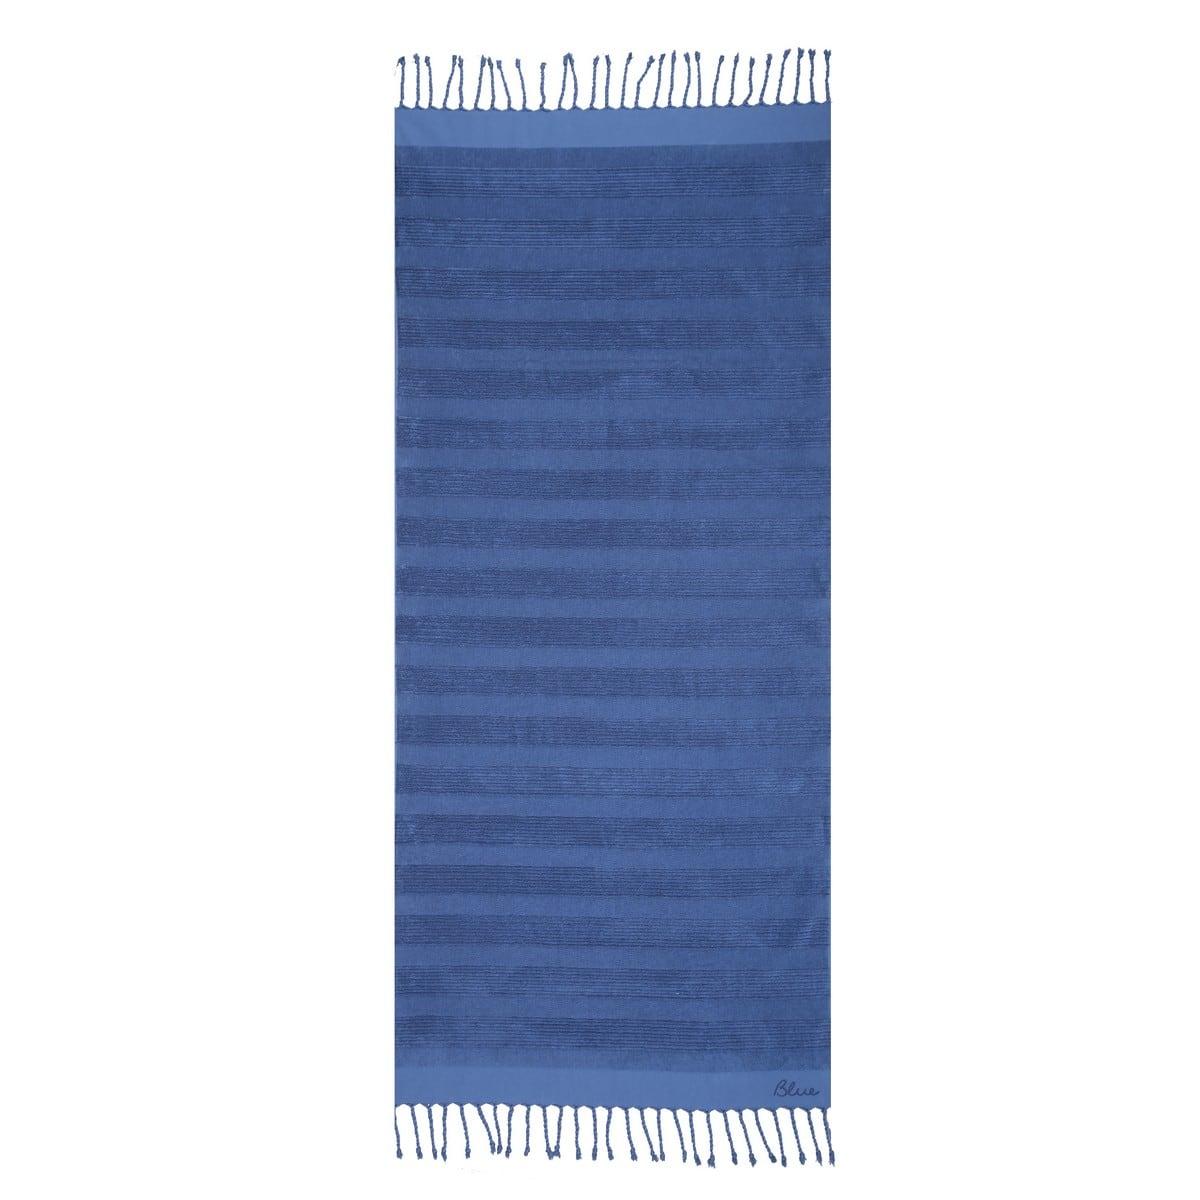 Πετσέτα Θαλάσσης Belinda Blue Nef-Nef Θαλάσσης 90x170cm